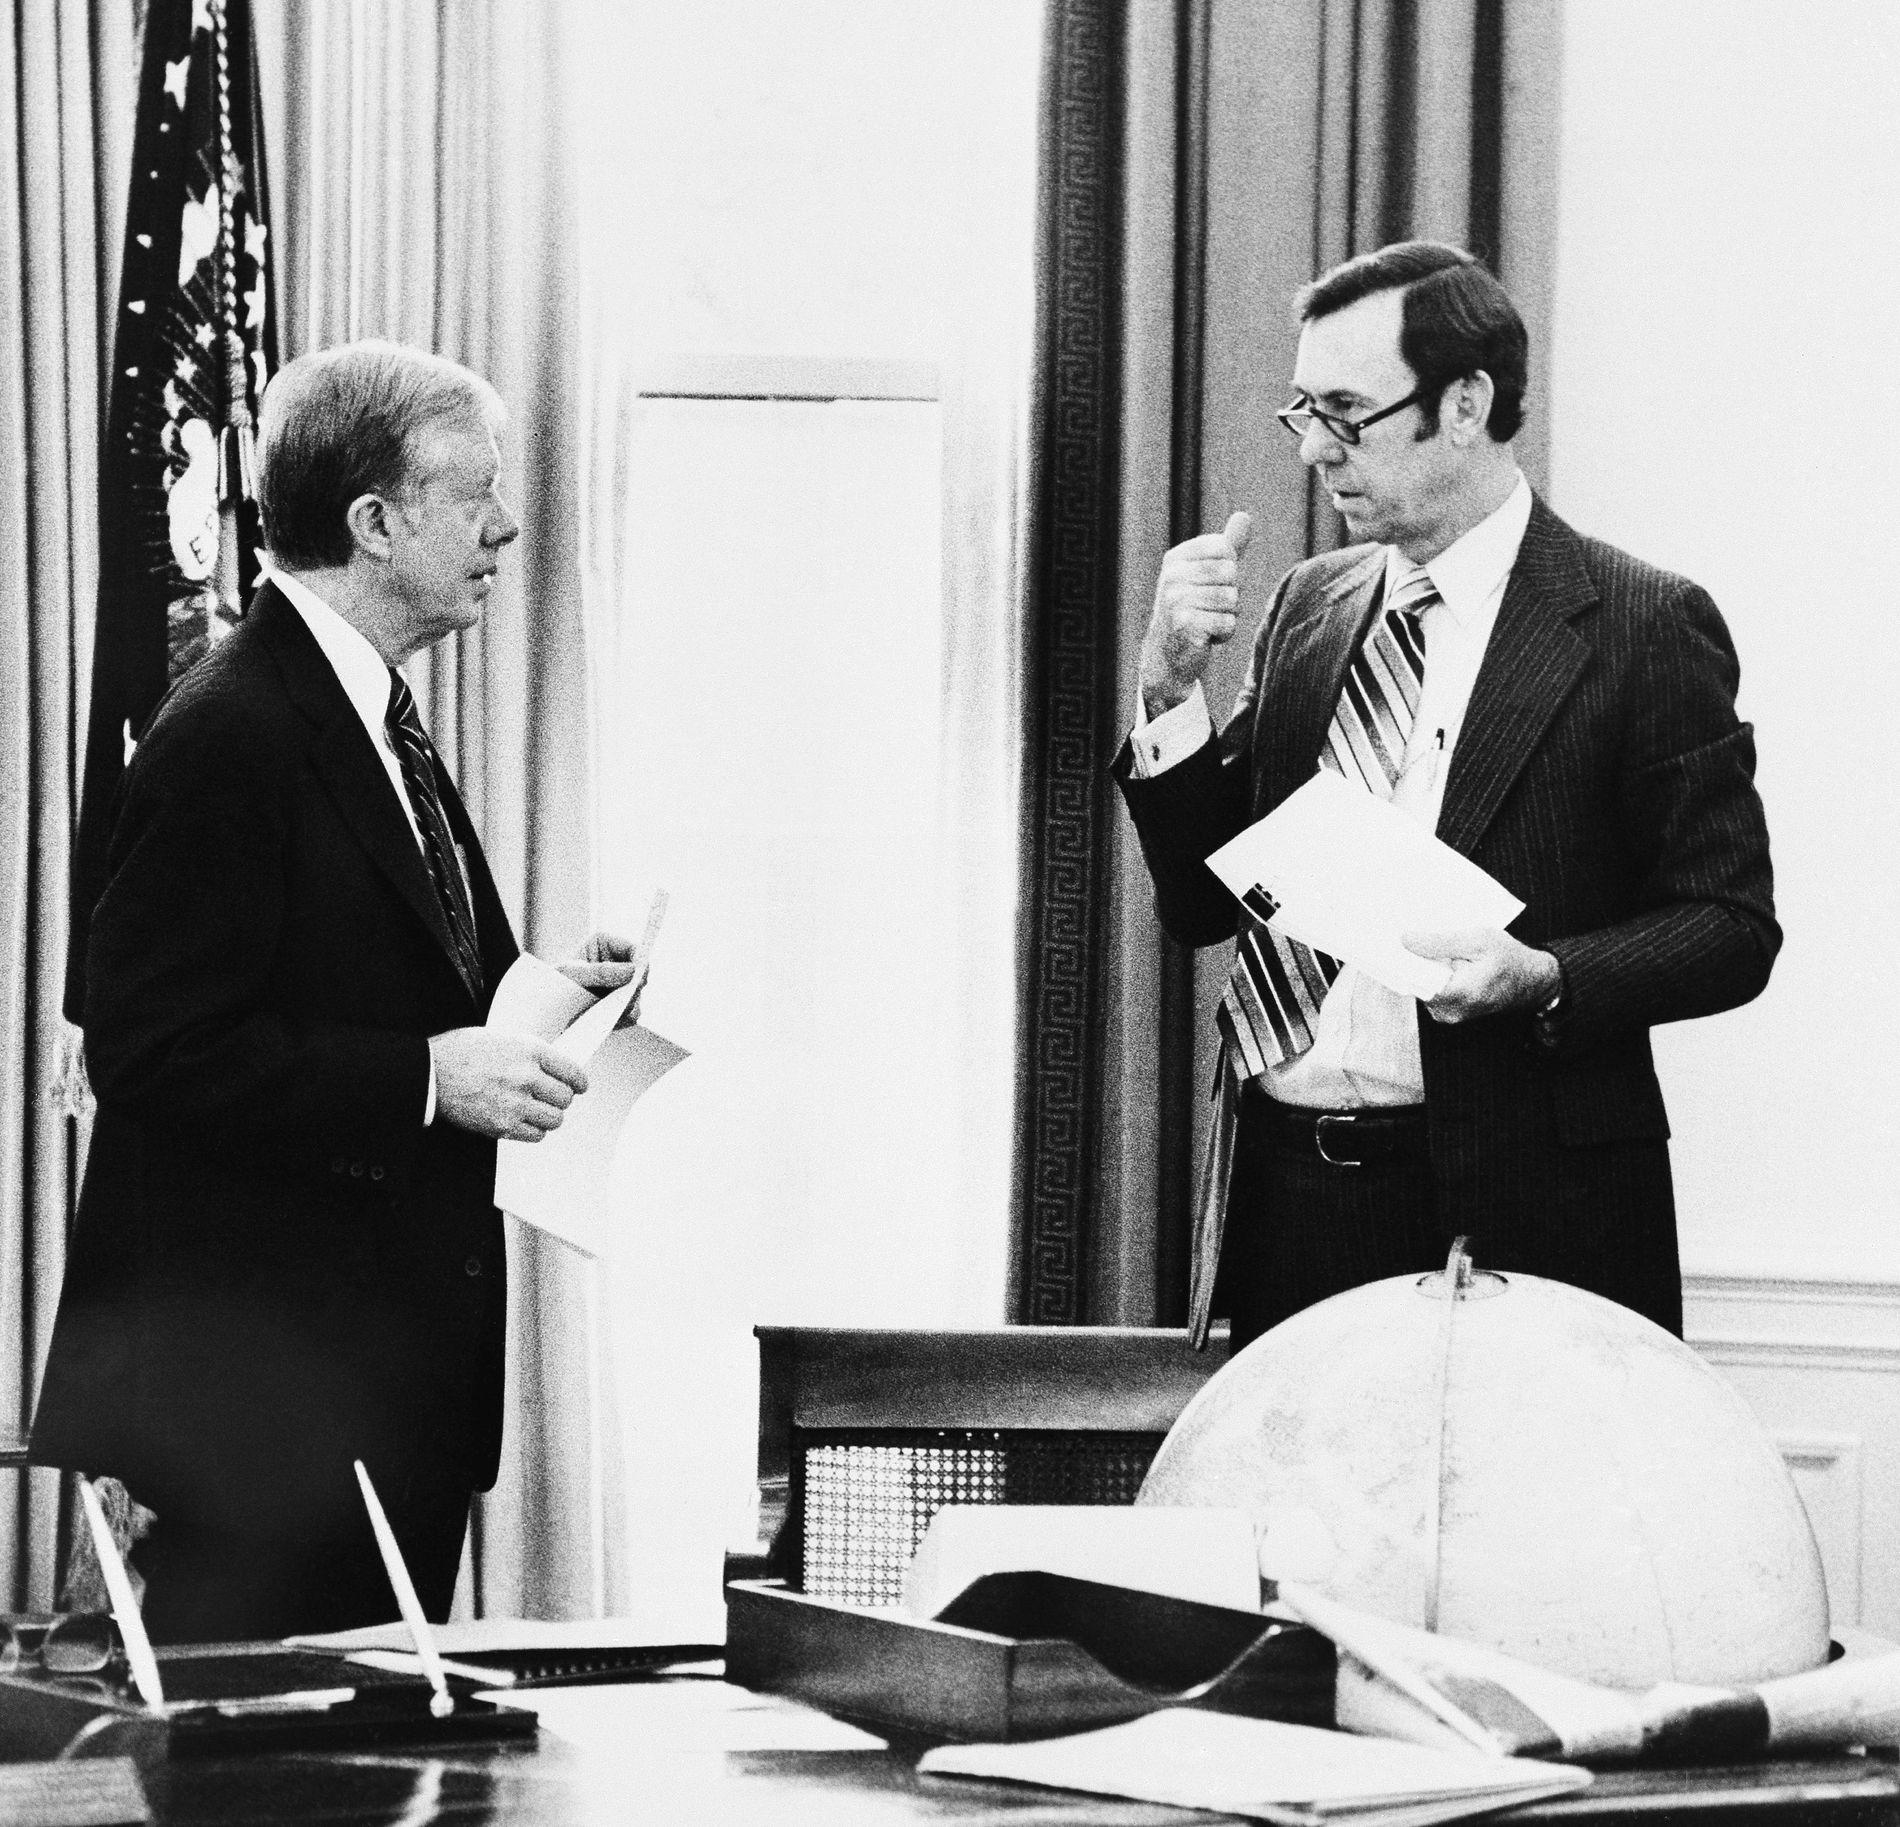 PRESIDENTRÅDGIVER: Gary Sick avbildet i Det ovale kontor sammen med daværende president Jimmy Carter 20. januar 1981. Det var dagen 66 amerikanske diplomater og borgere ble løslatt etter å ha vært holdt som gisler av Iran i 444 dager.